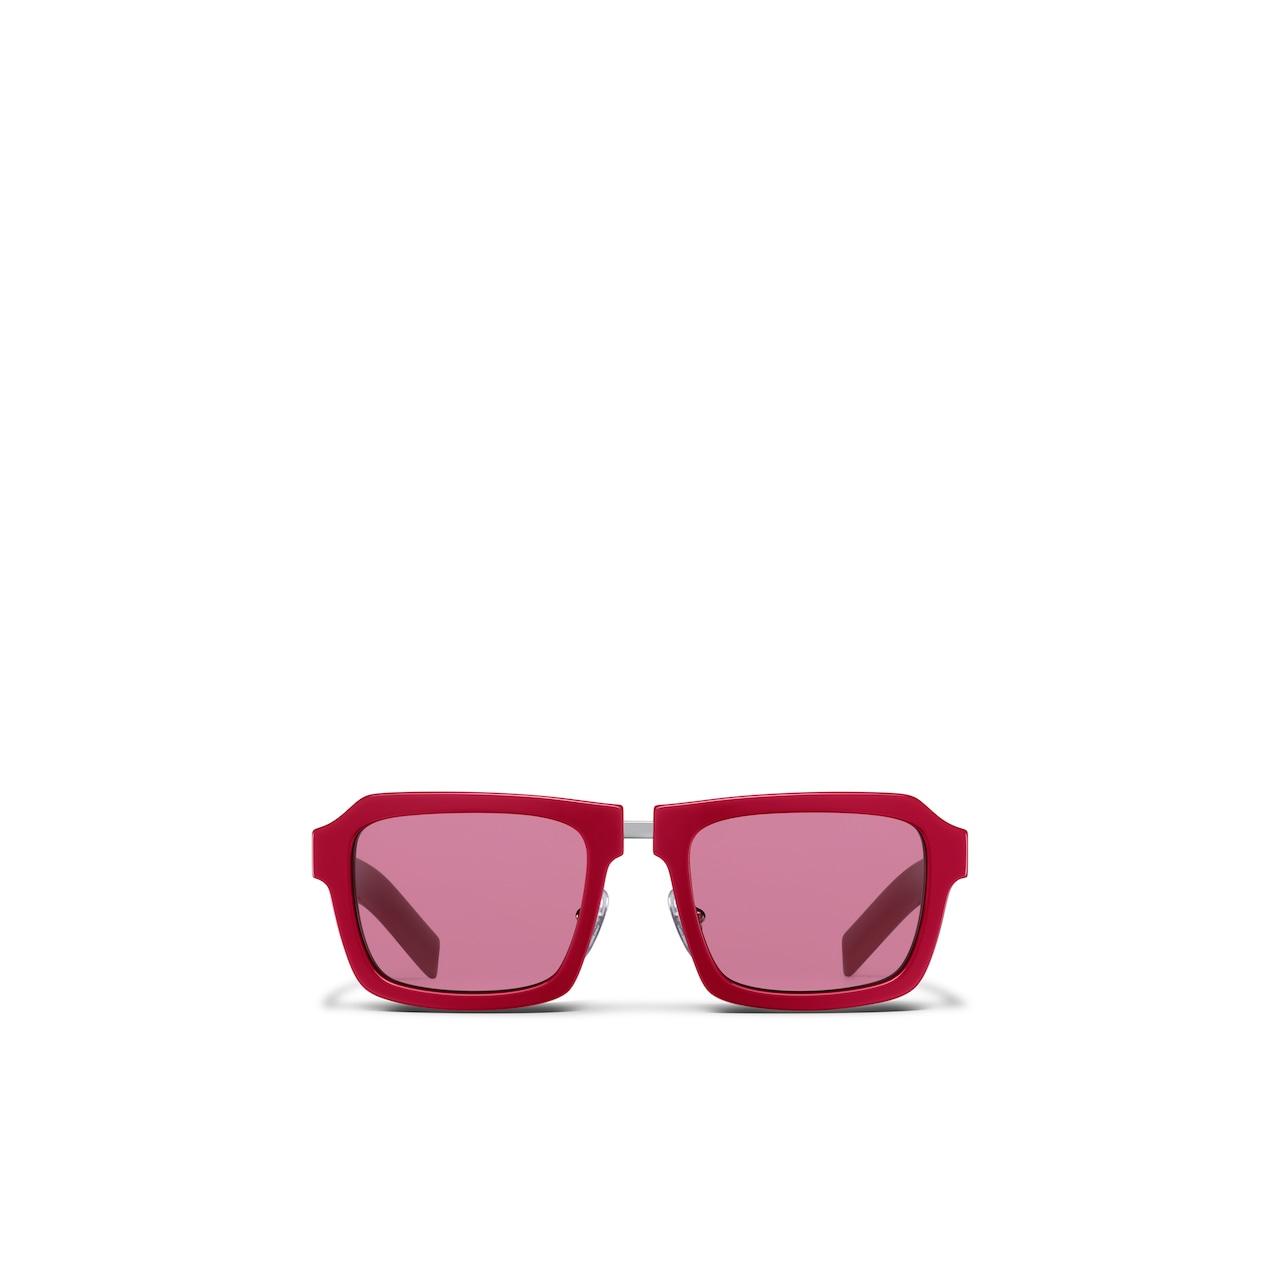 Prada Prada Duple sunglasses 1